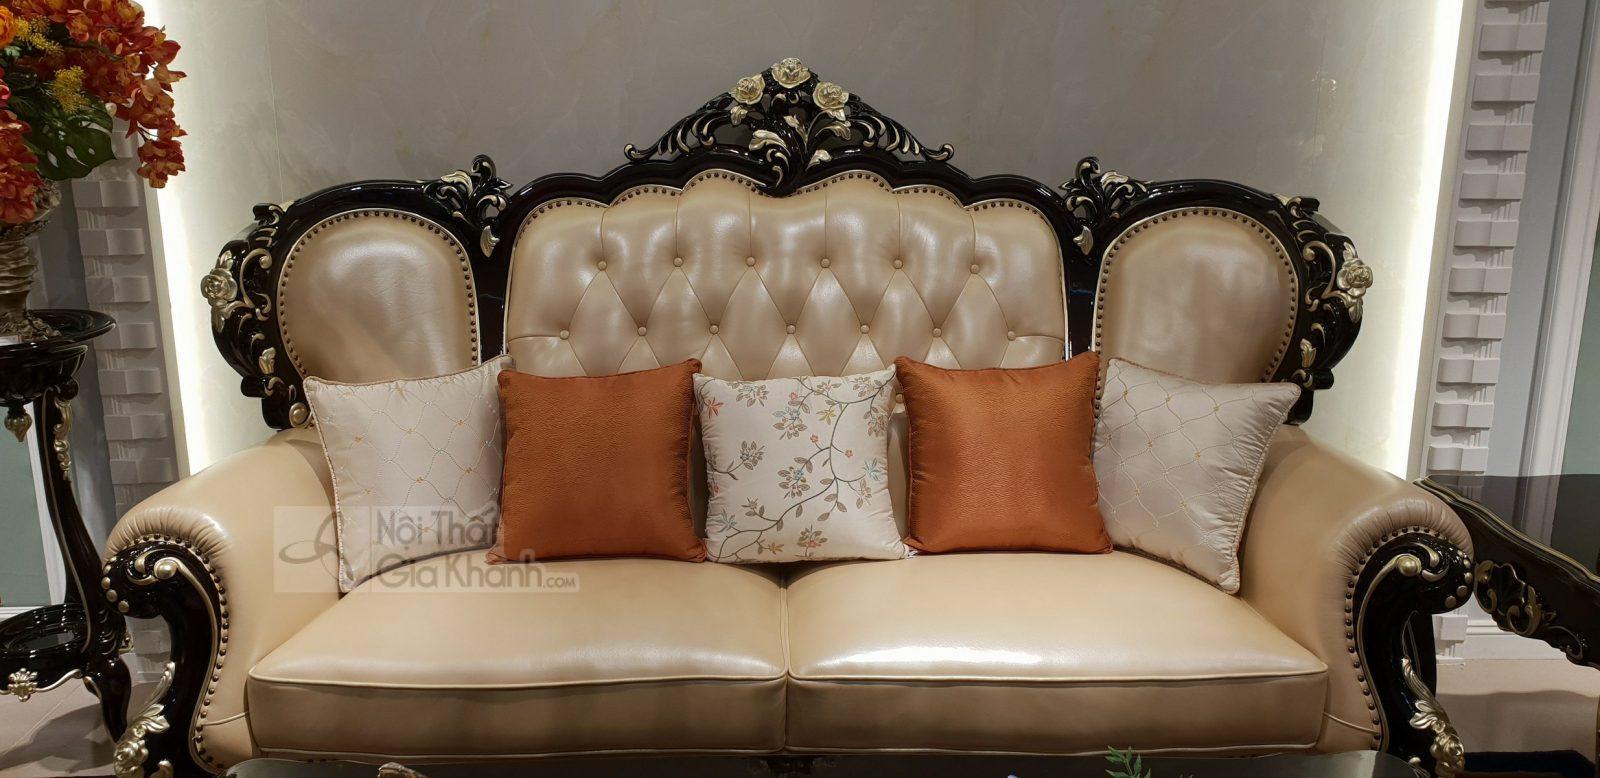 Bộ sofa da thật nhập khẩu phong cách cổ điển hoàng gia G955SF - sofa G955SF 8